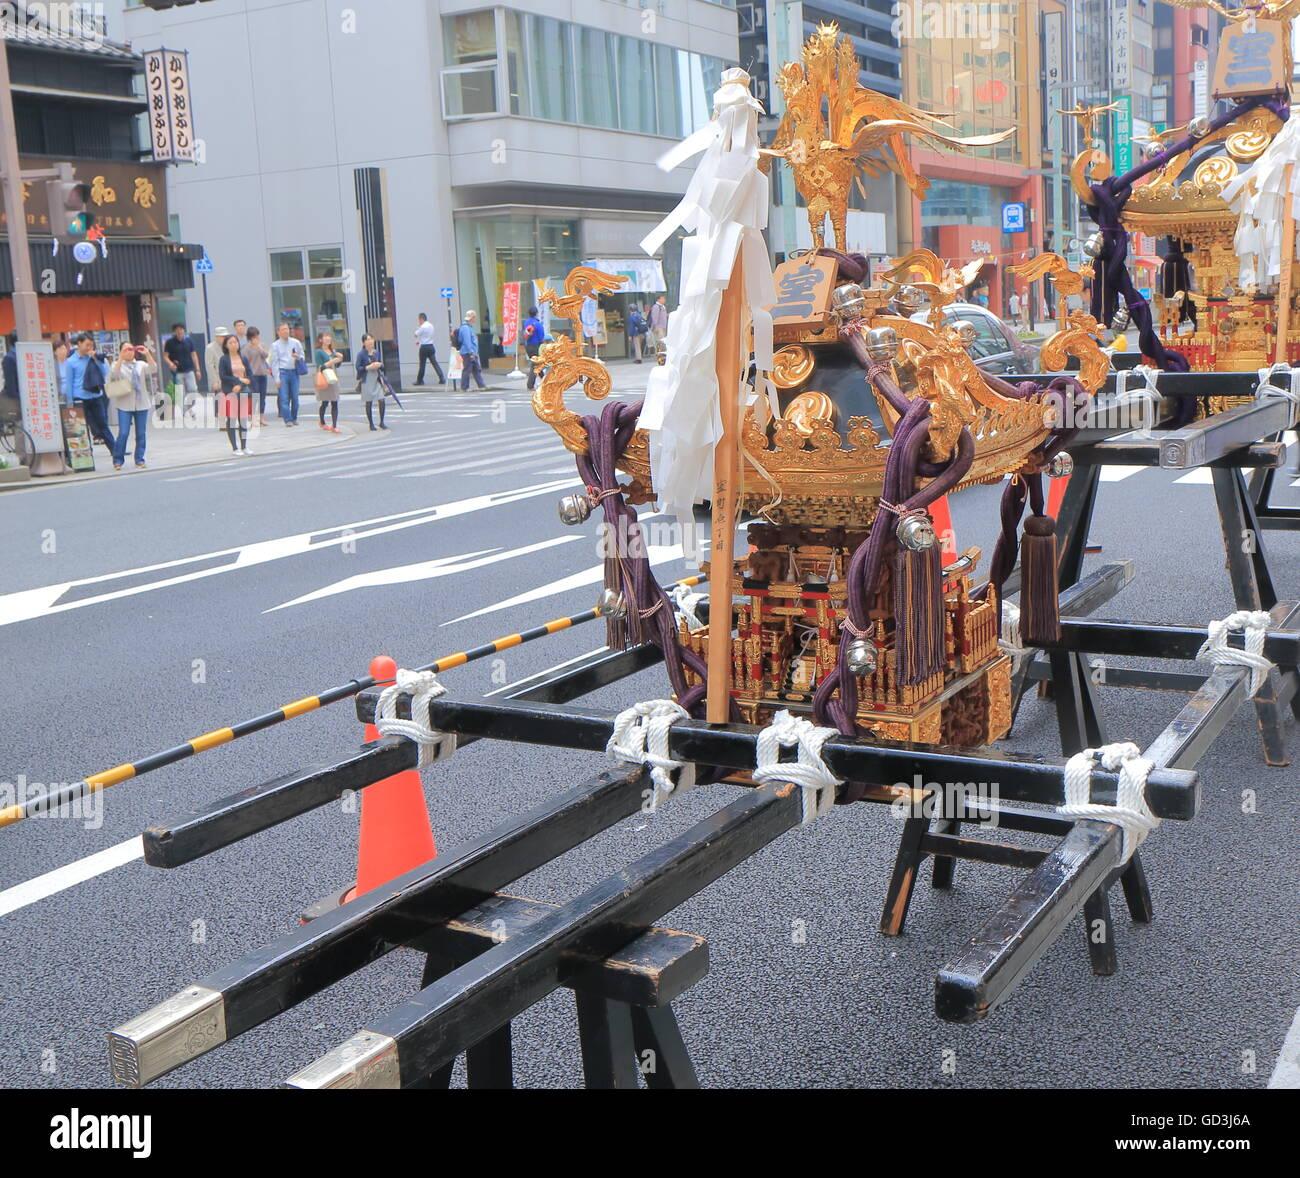 Mikoshi al festival tradicional japonés en Tokio, Japón. Imagen De Stock